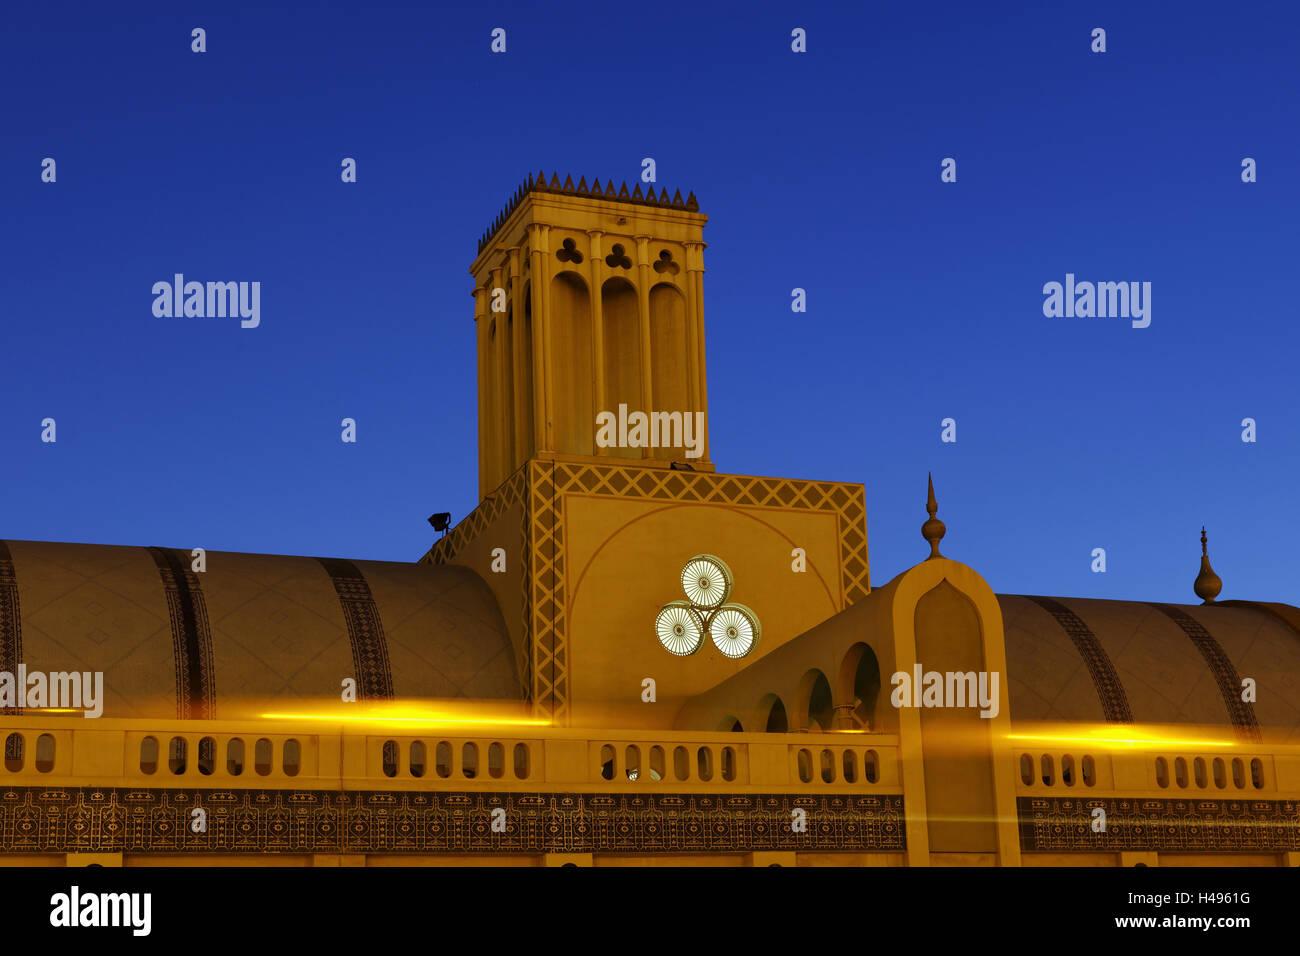 Old Souk 'Blue Souk', evening, dusk, traditional shopping centre, Emirate Sharjah, United Arab Emirates, - Stock Image